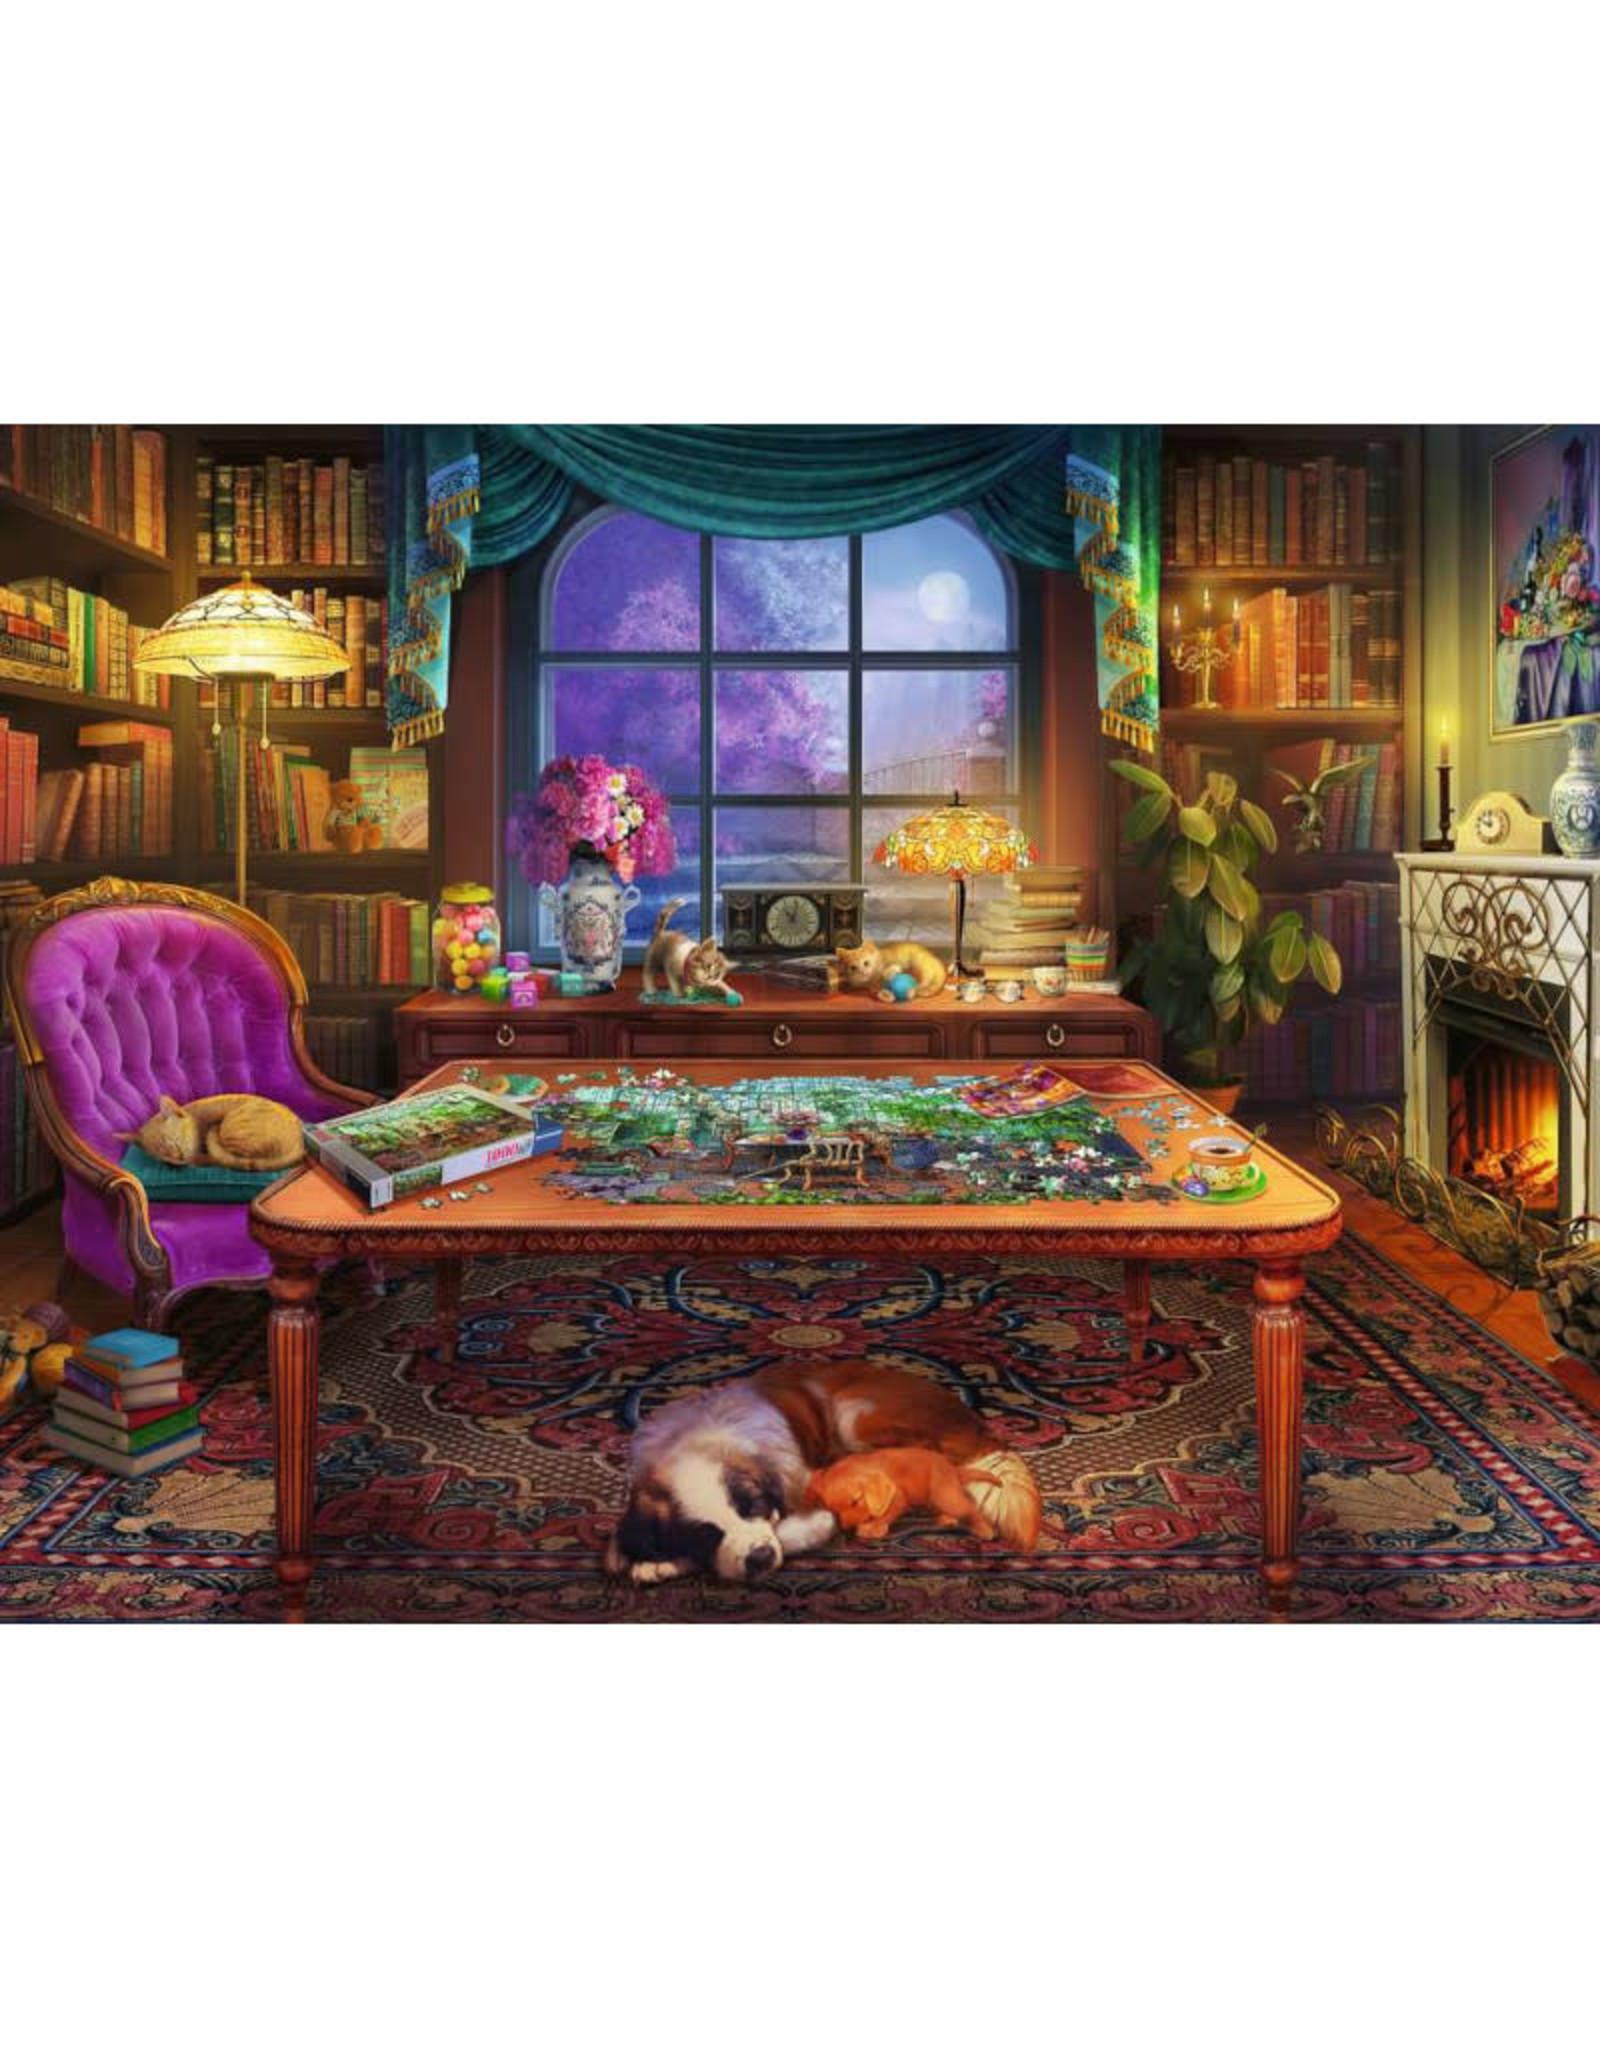 Ravensburger Puzzler's Place Puzzle 750 PCS Large Format